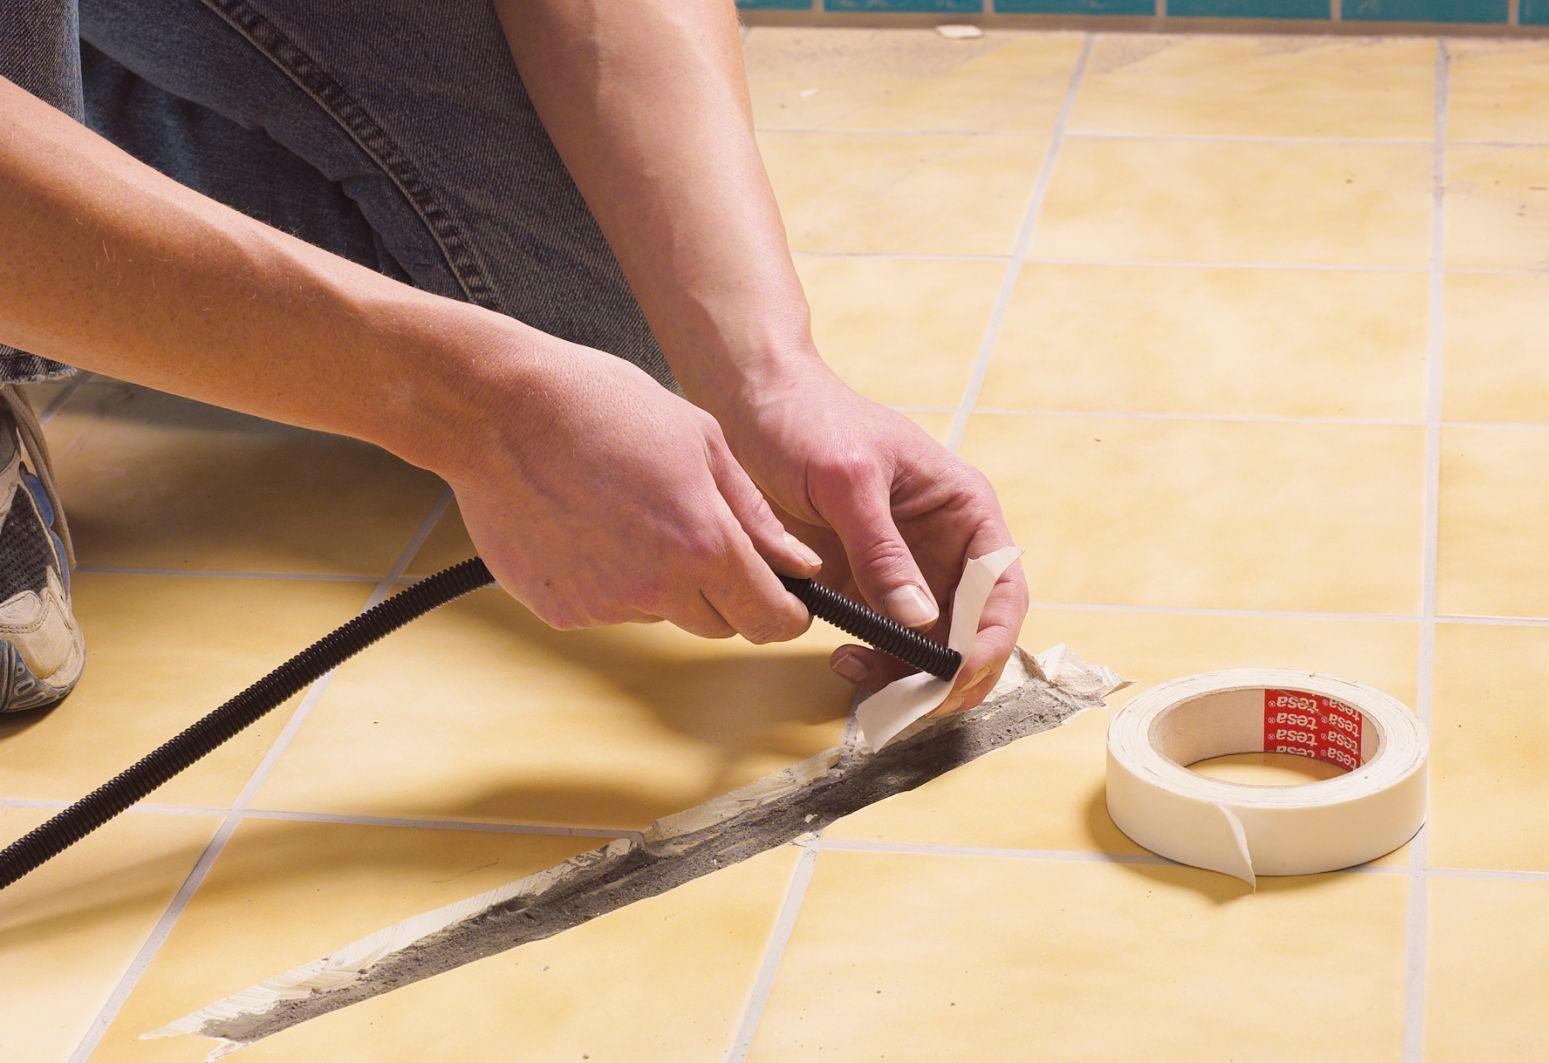 Укладка кабеля перед монтажом электрического теплого пола под плитку